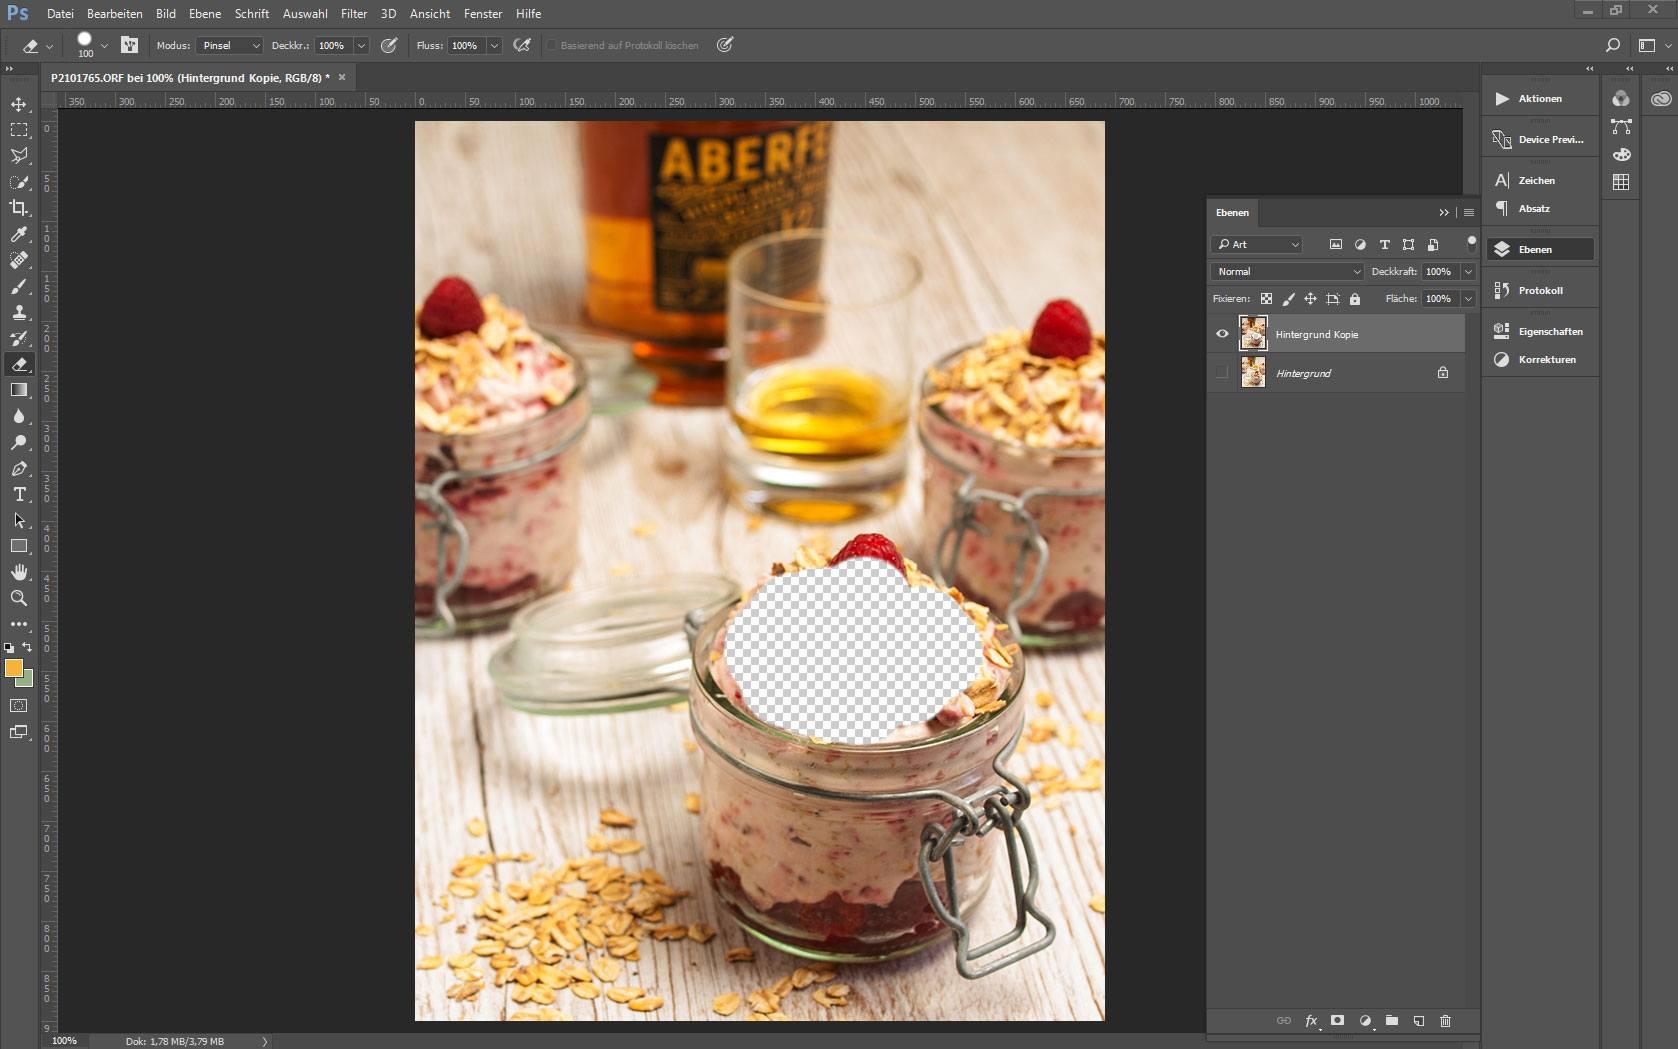 Ansicht eines Bildes in Adobe Photoshop mit aktivem Radiergummi-Werzeug und teils ausradiertem Cranachan im Vordergrund